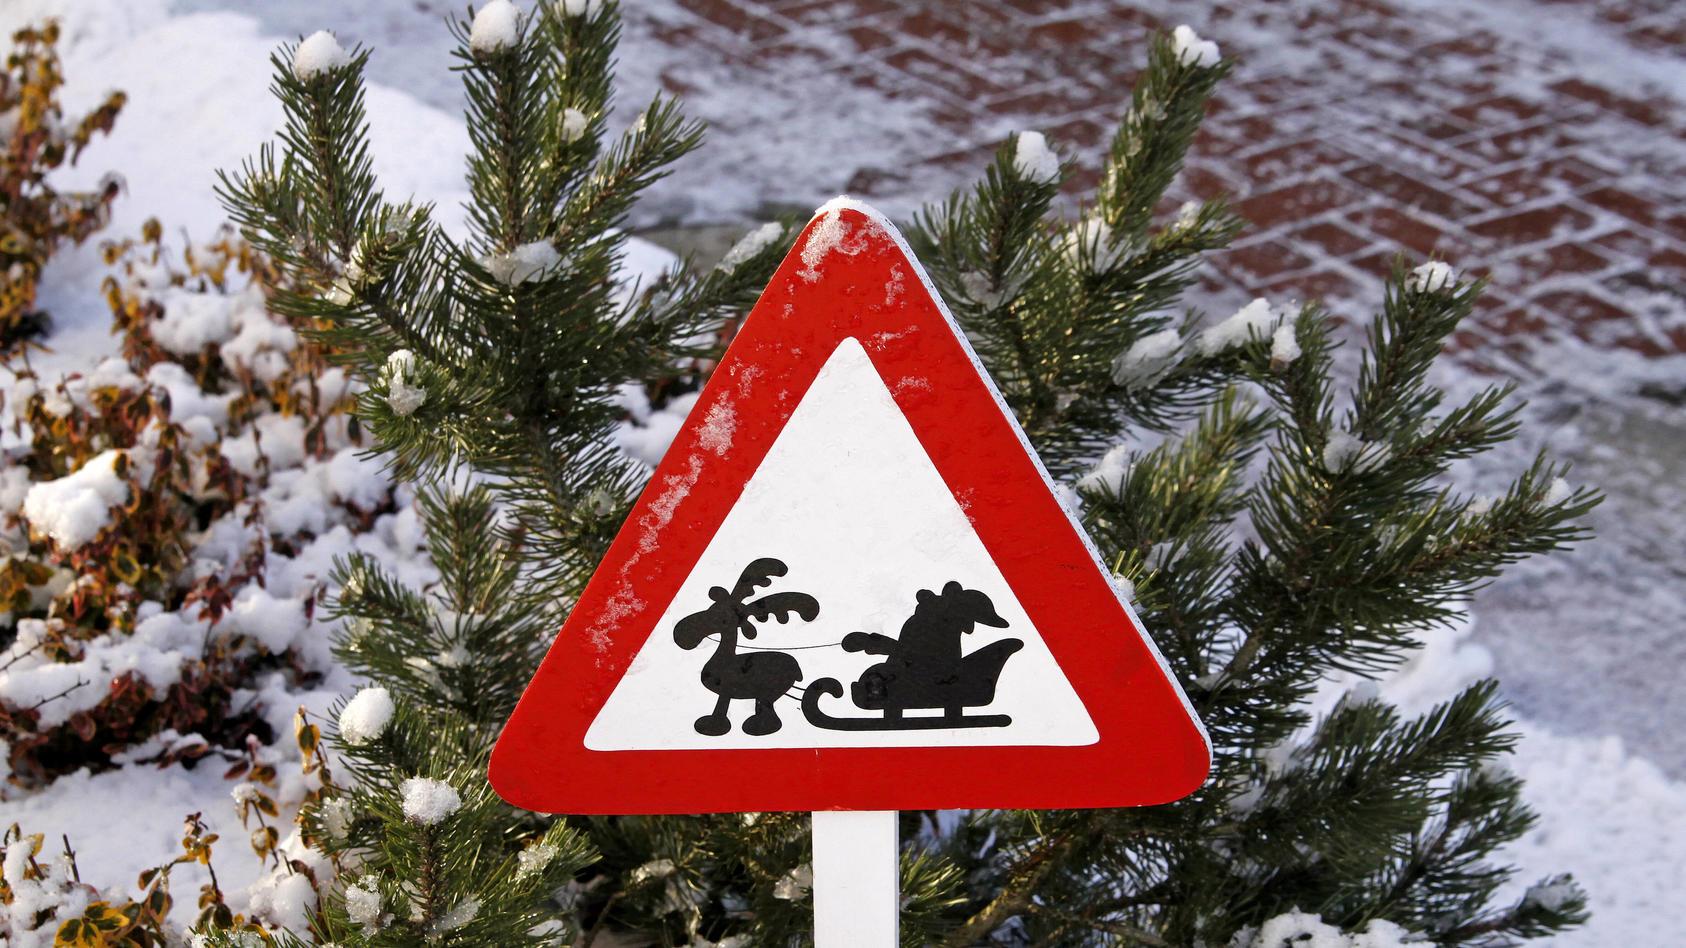 wettertrend-zur-weihnachtszeit-langfrist-vorhersage-gibts-schnee-zum-fest